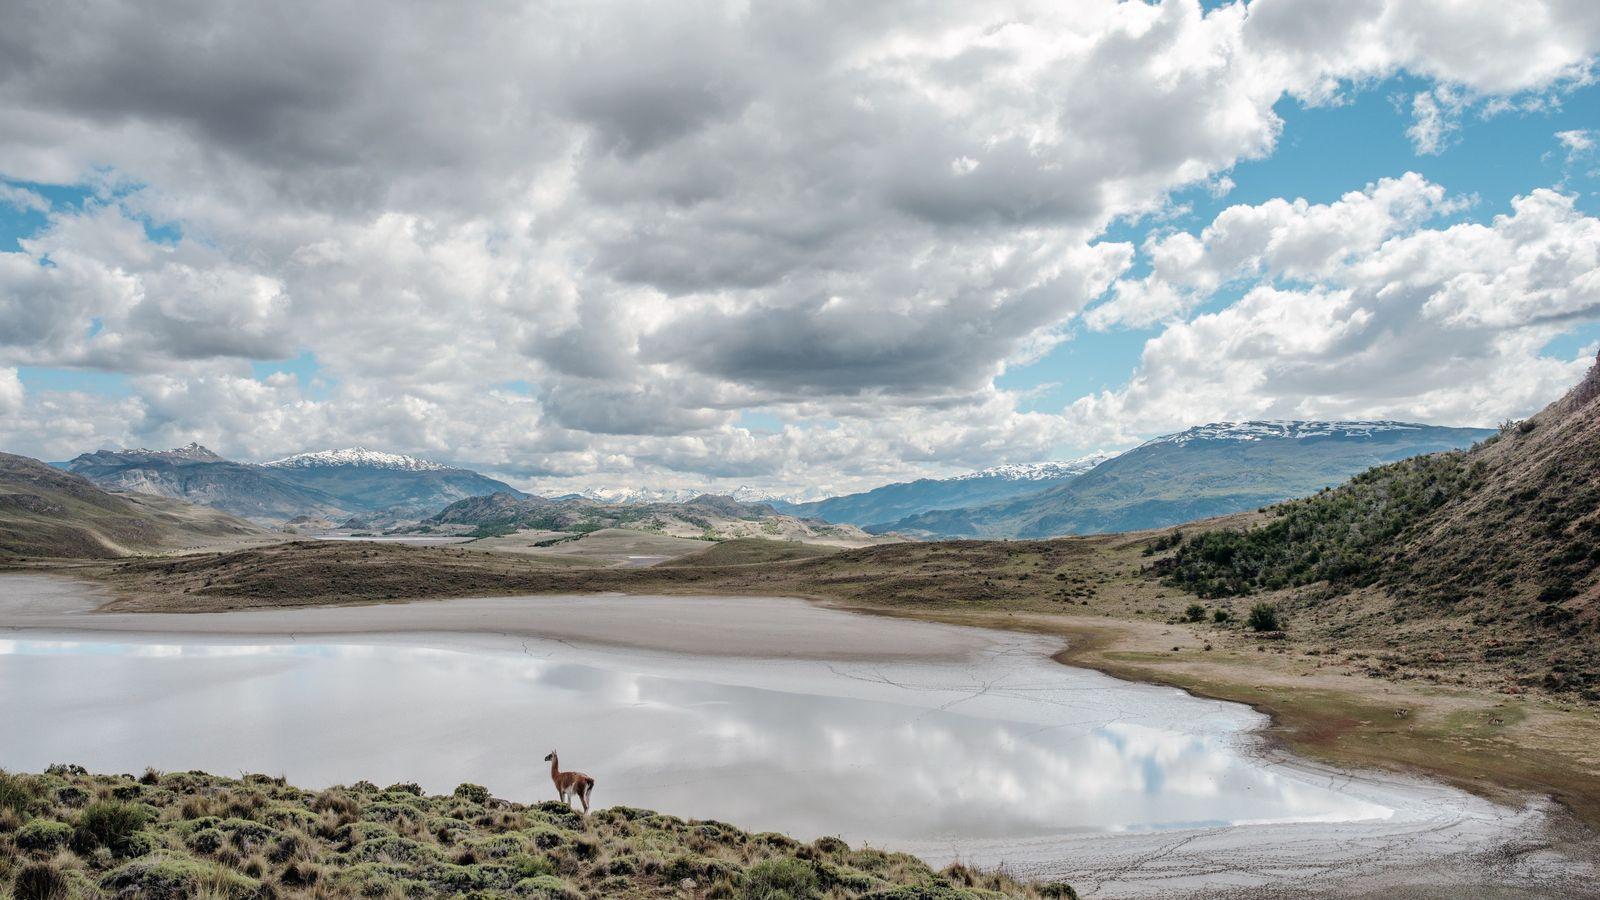 Un guanaco (lama sauvage) boit à Laguna Seca, dans le parc national de Patagonie (Argentine), composé ...